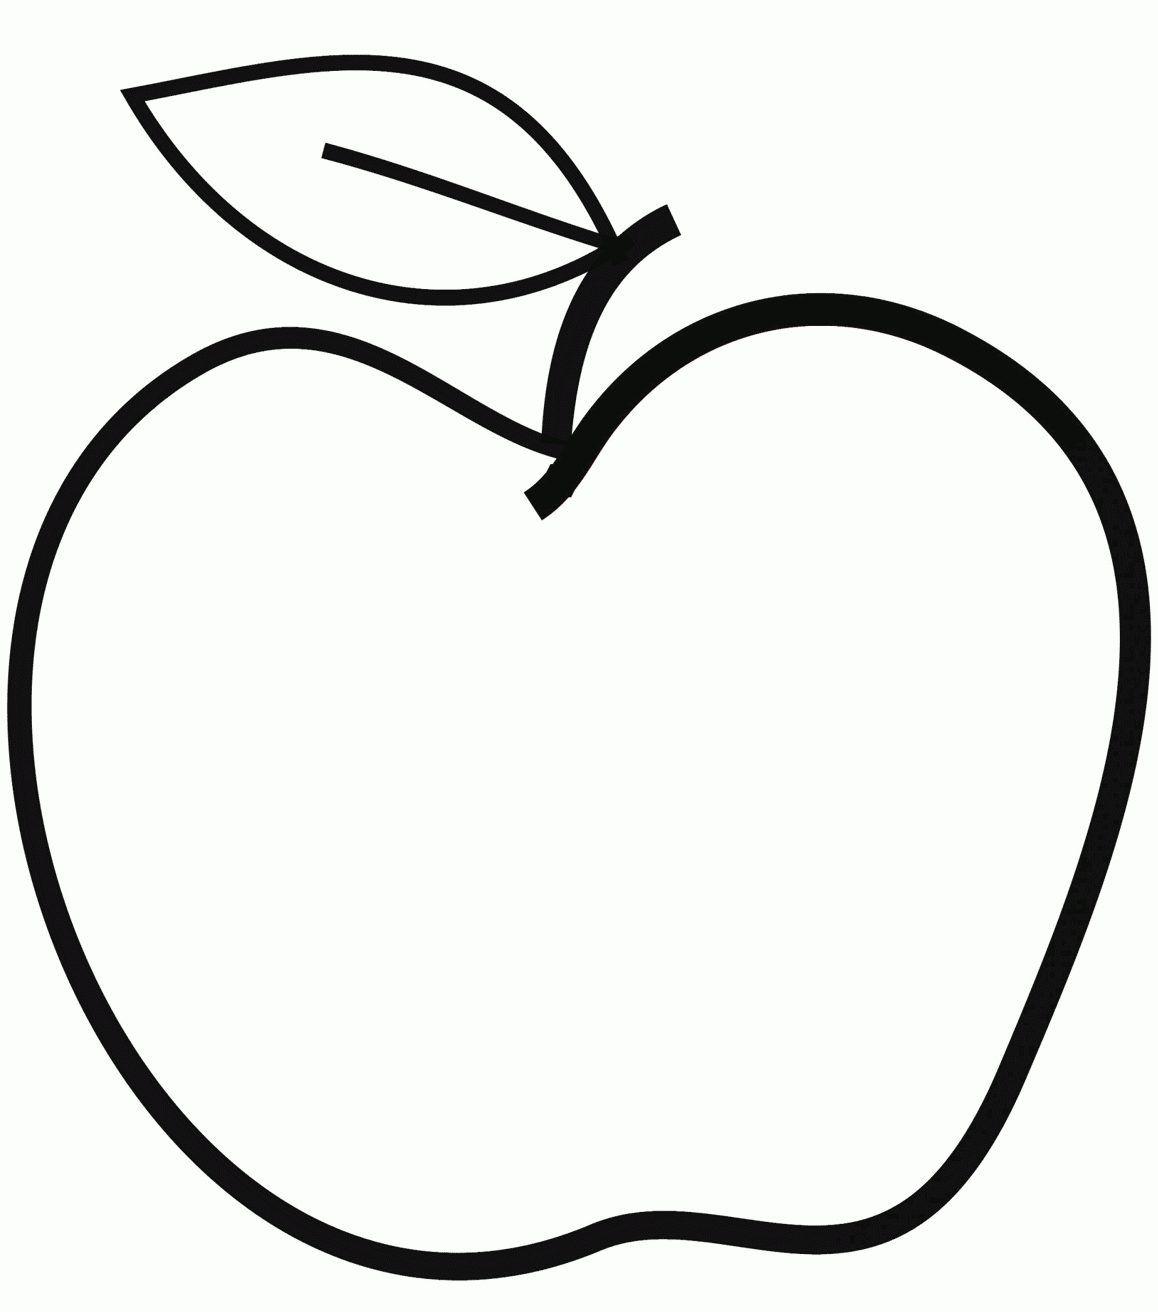 Apfel Schablonen Zum Ausdrucken   Best Ausmabilder 2020